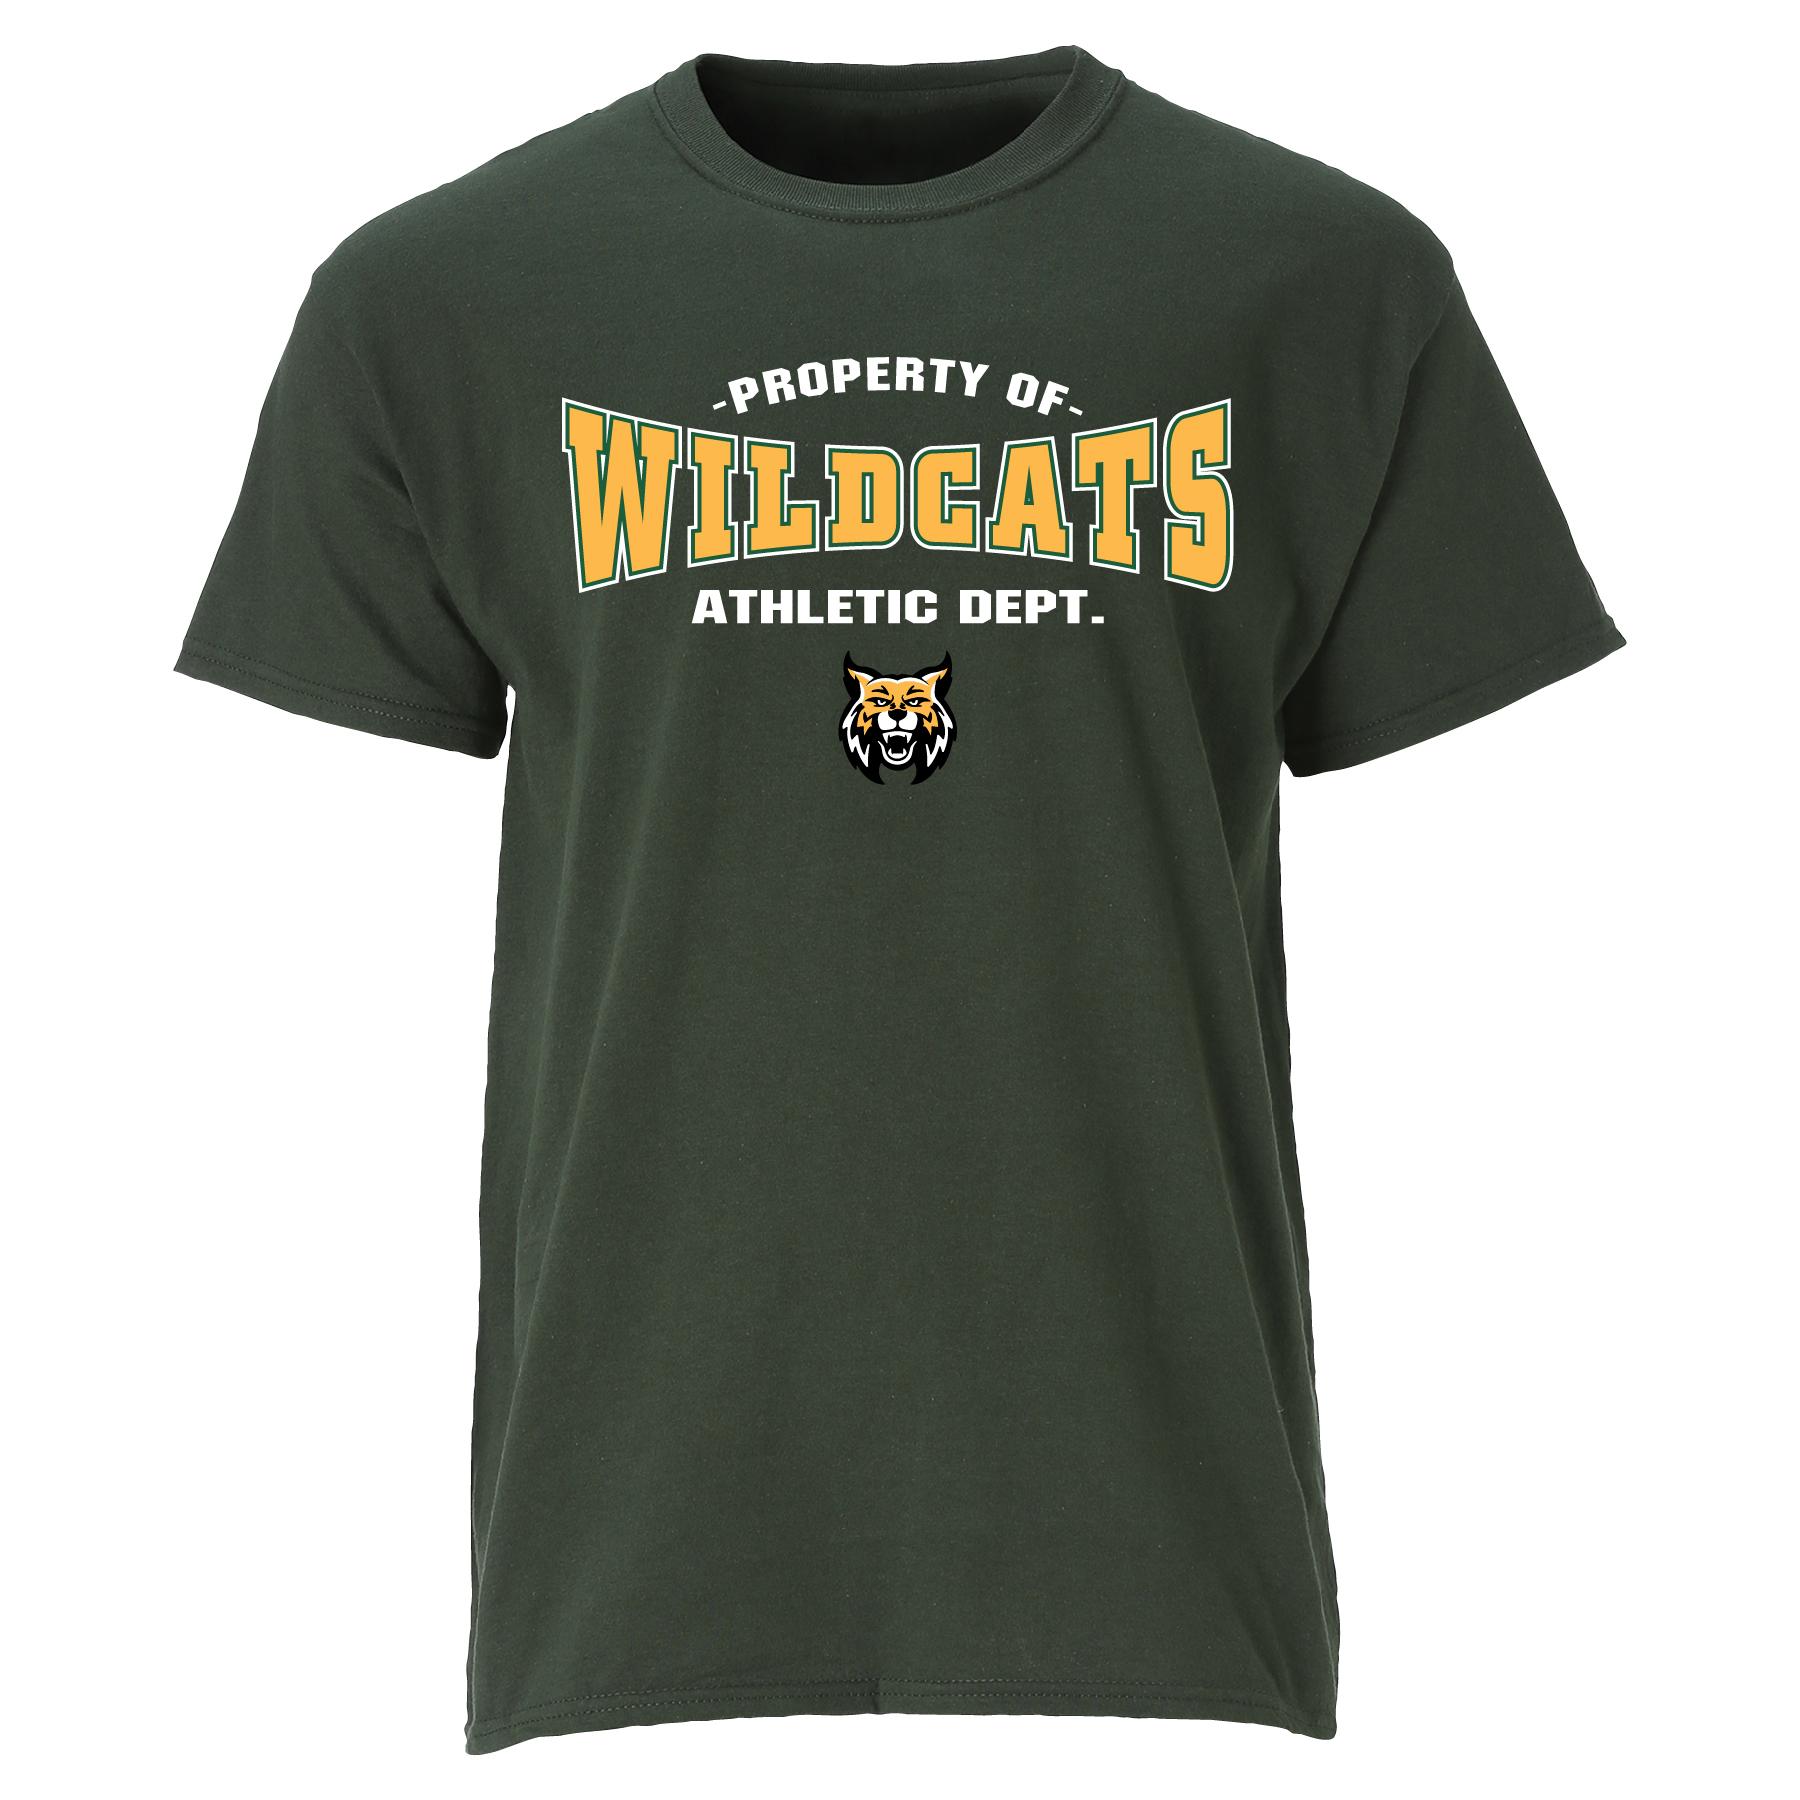 Wildcat Athletic Dept Tee